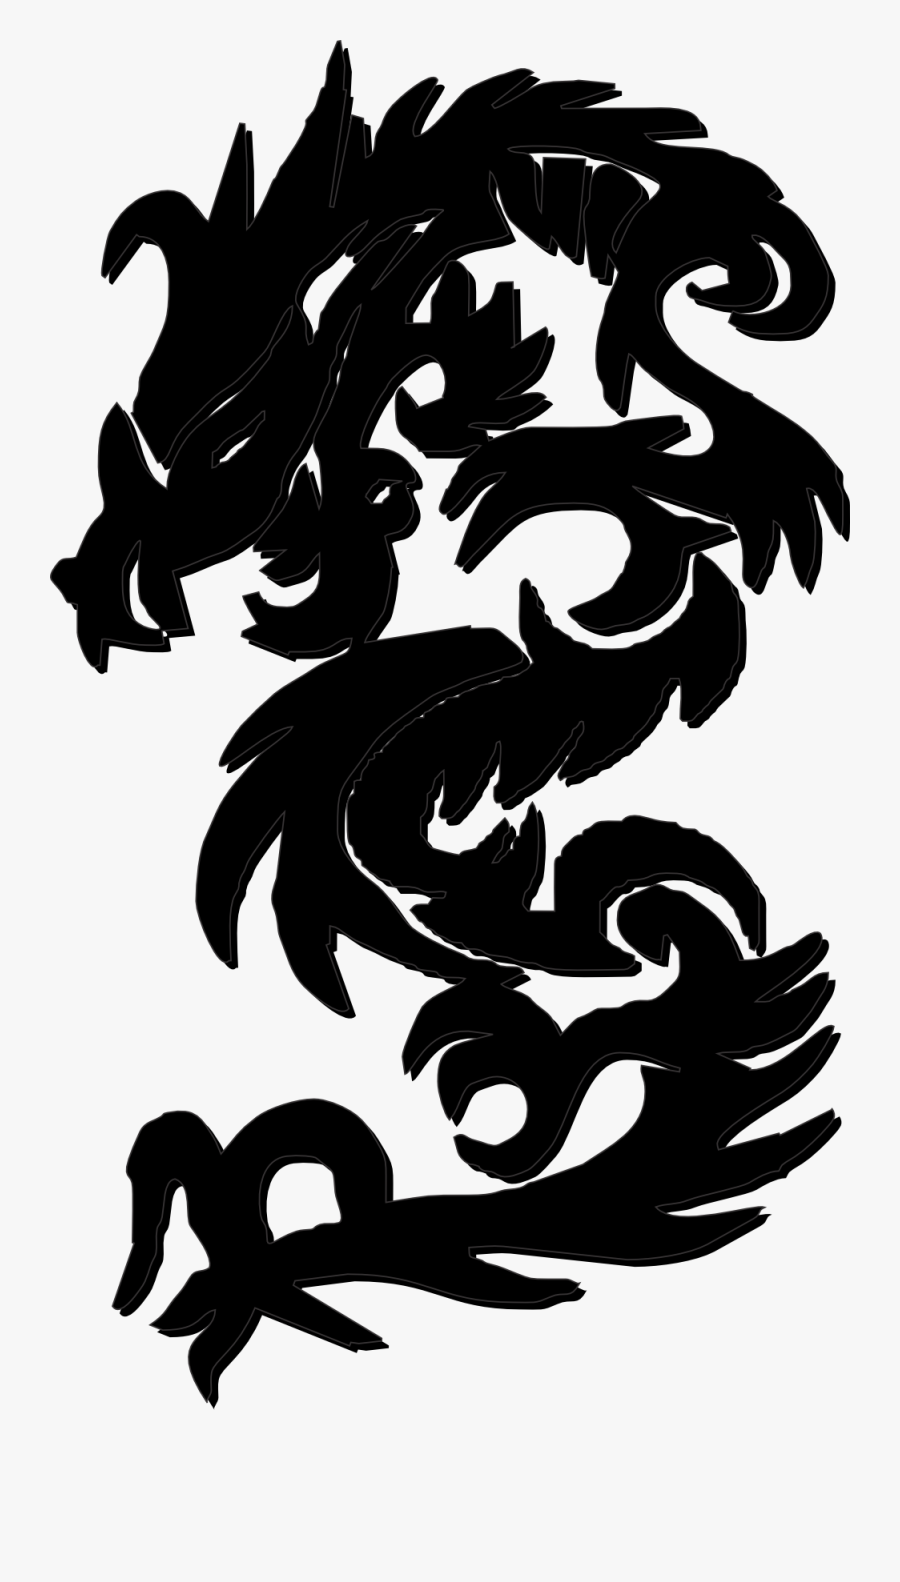 Net » Clip Art » Gustavorezende Chinese Dragon Black - Black Chinese Dragon Clipart, Transparent Clipart